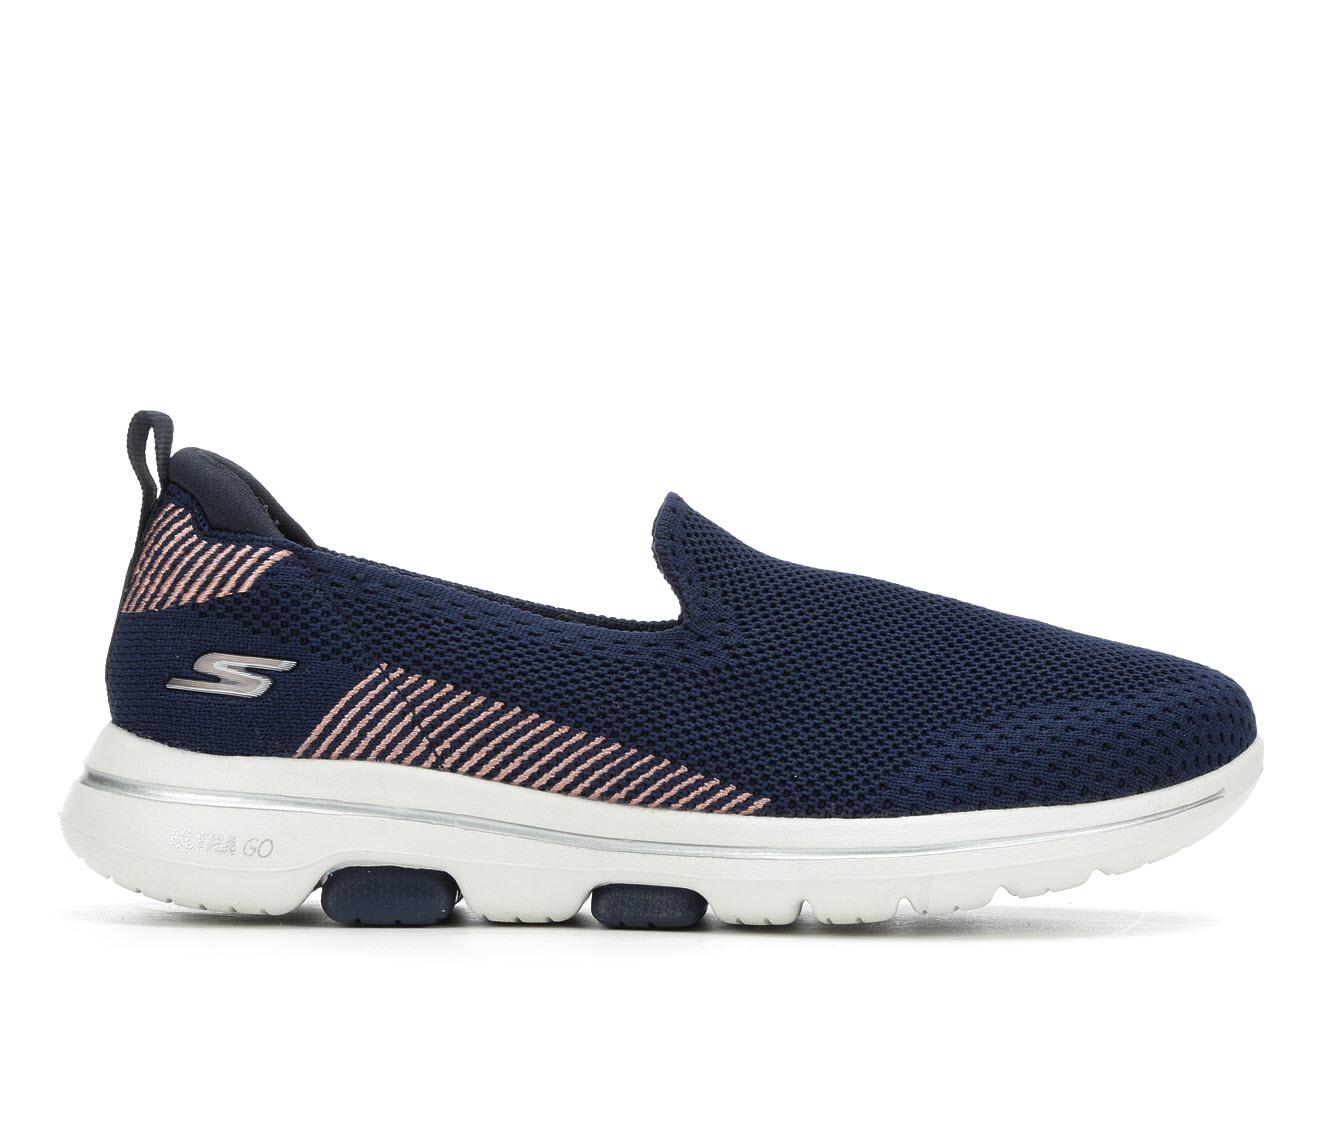 Skechers Go Go Walk 5 Prized 15900 Women's Shoe (Blue Canvas)